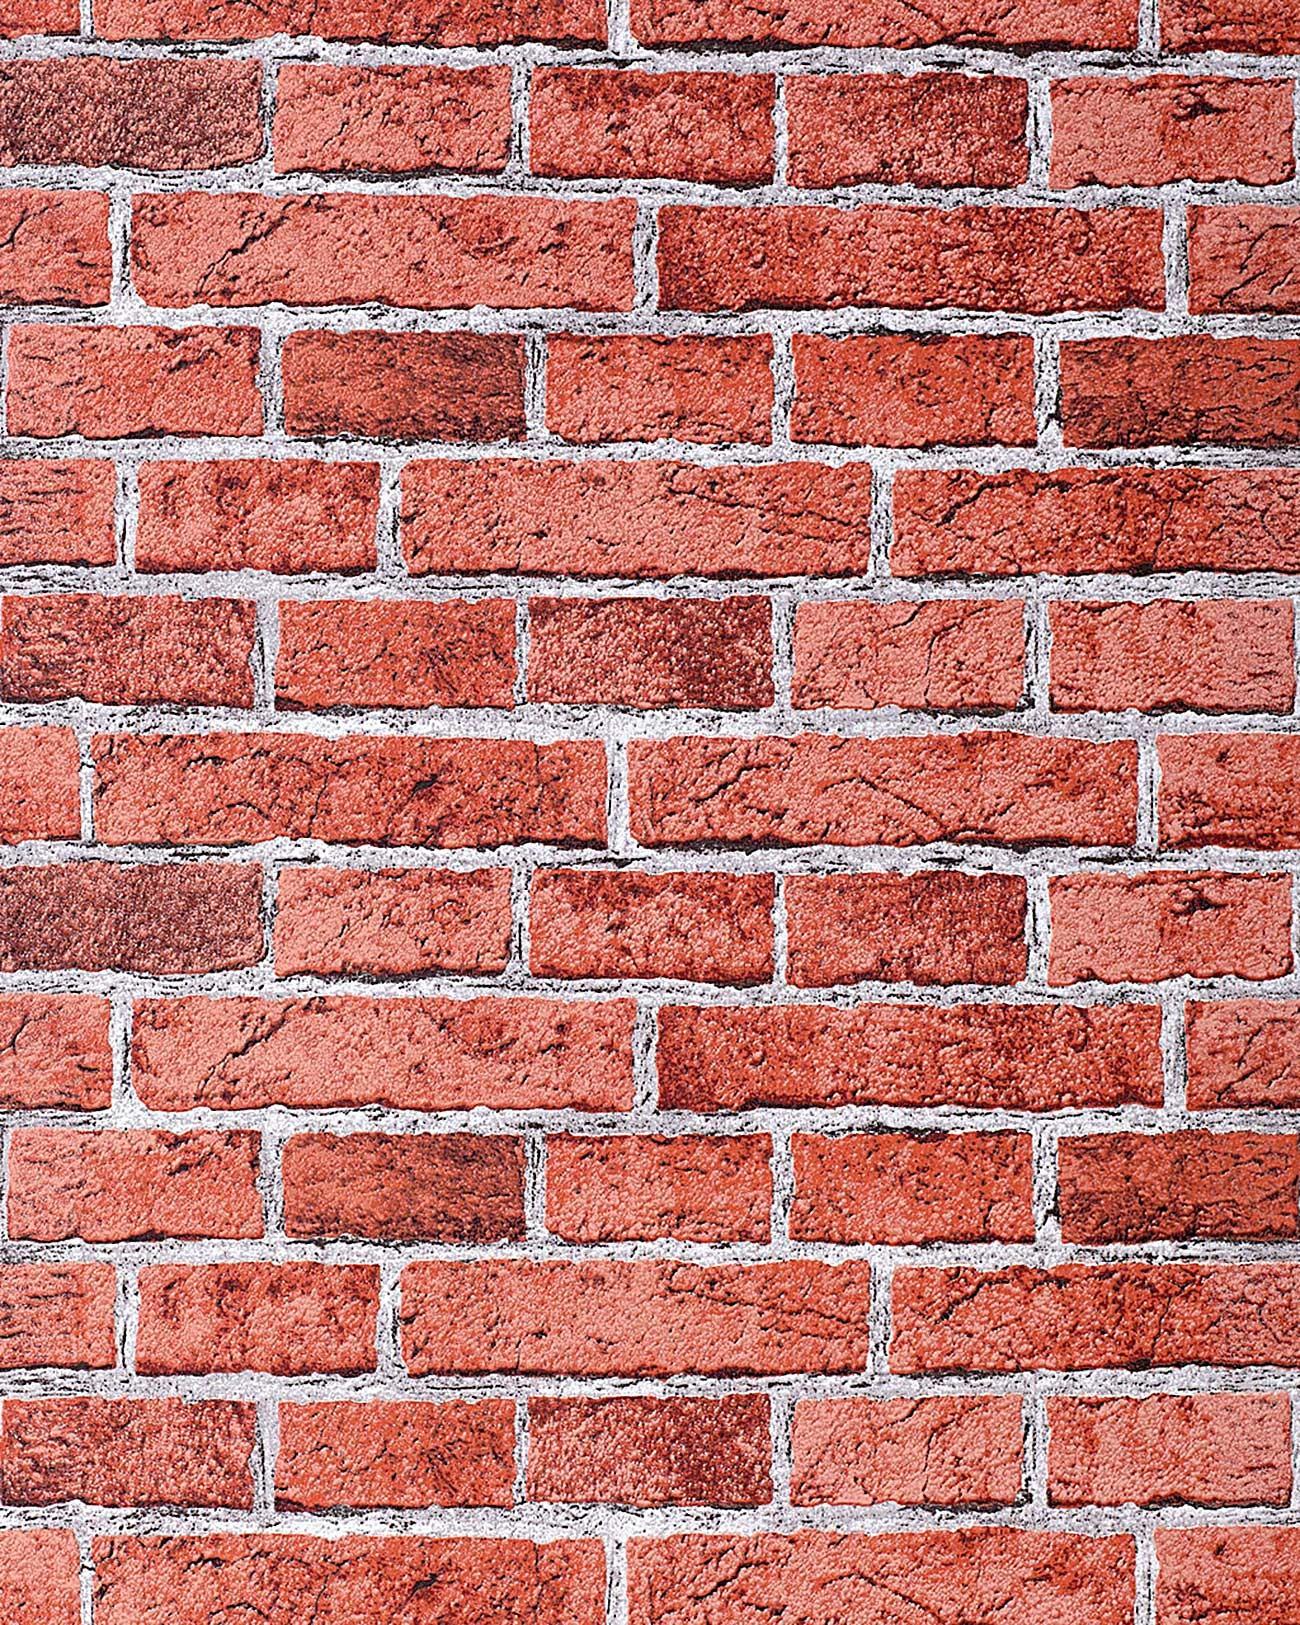 Carta da parati muro di mattoni edem 583 24 invecchiato - Muros de ladrillo visto ...